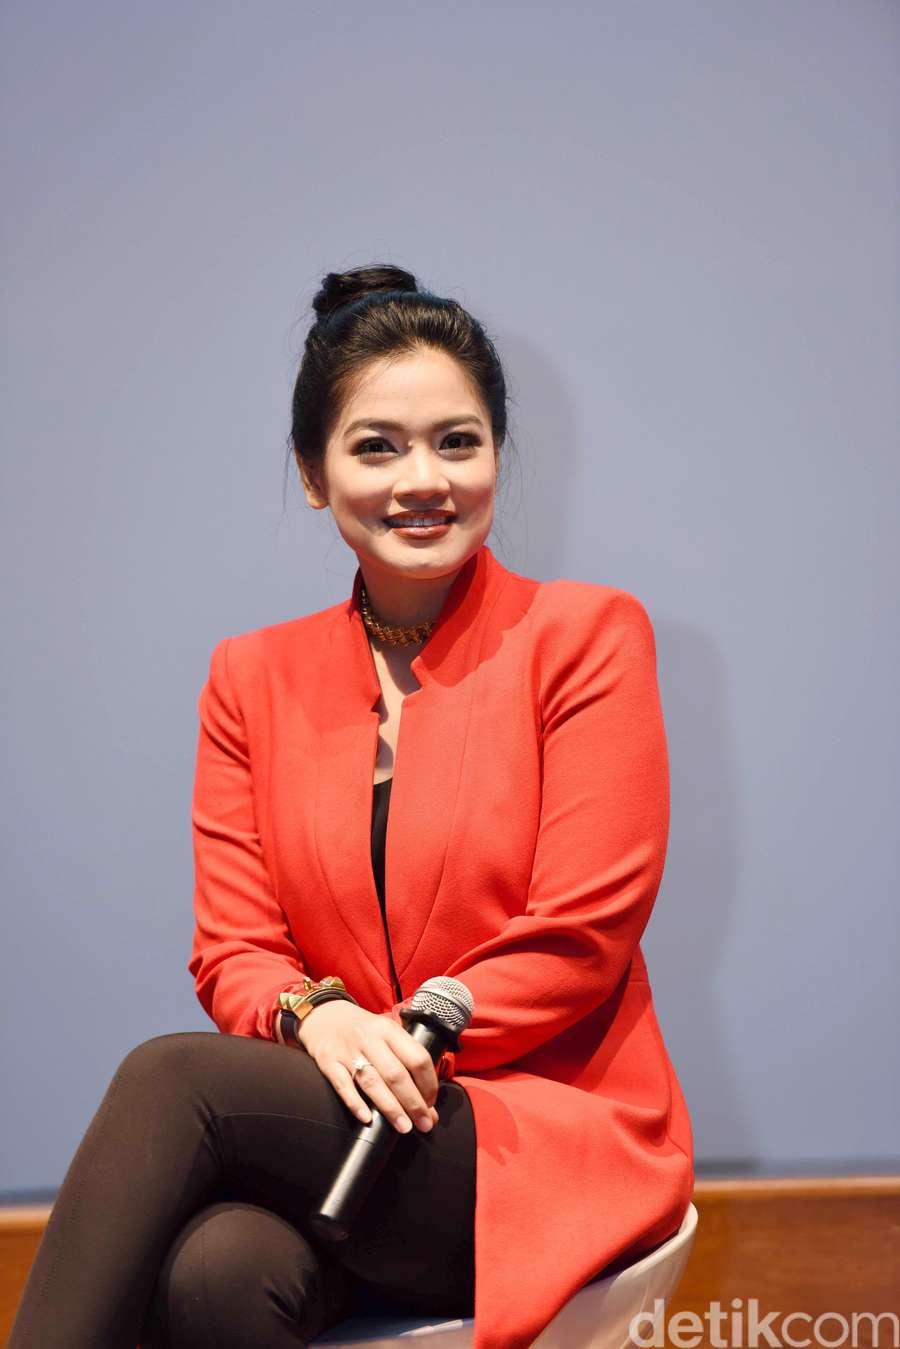 Titi Kamal Menawan dengan Blazer Merah